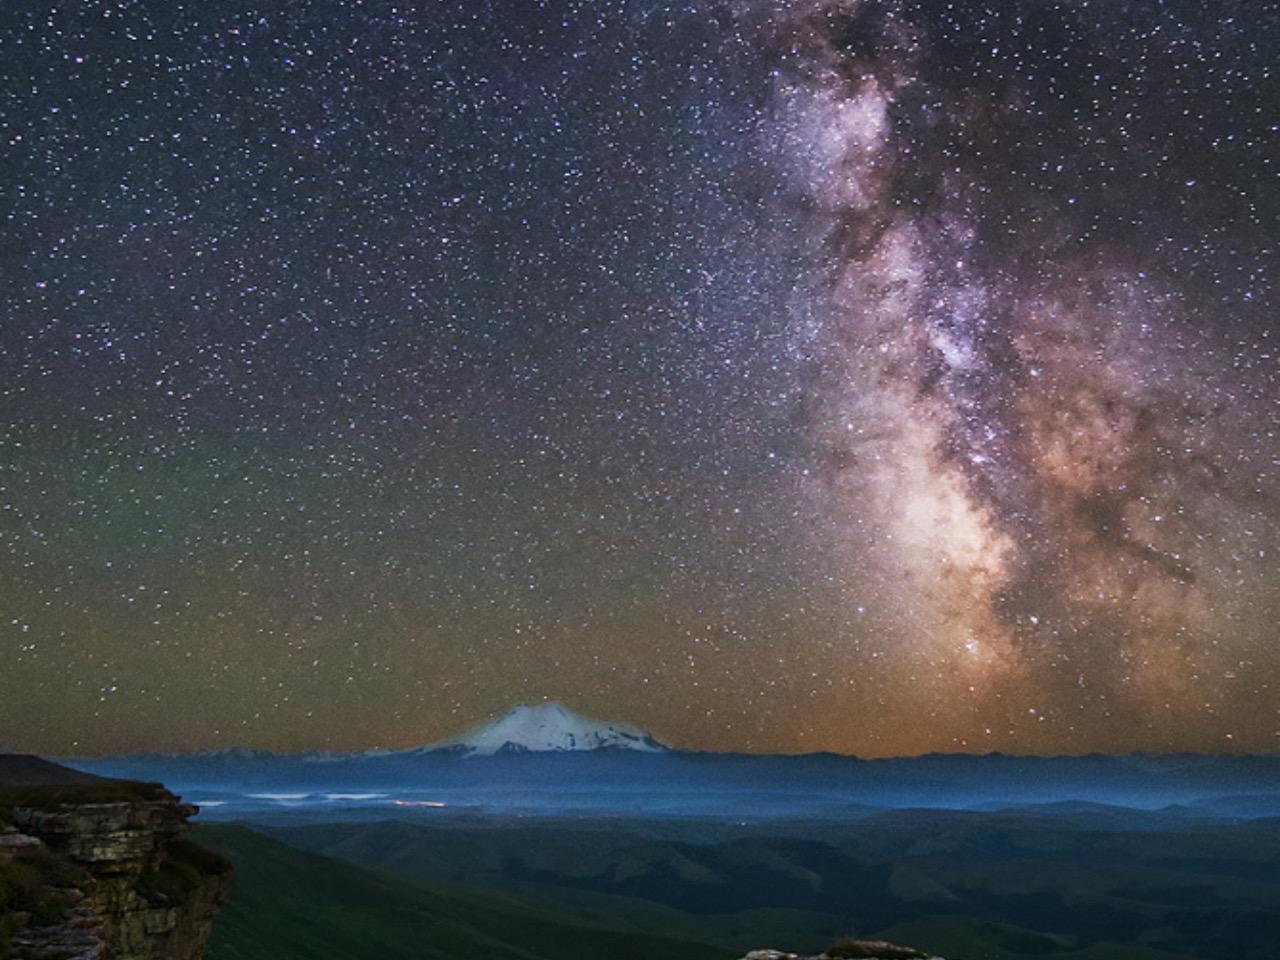 Нереальный звездопад на плато Бермамыт   - индивидуальная экскурсия в Кисловодске от опытного гида